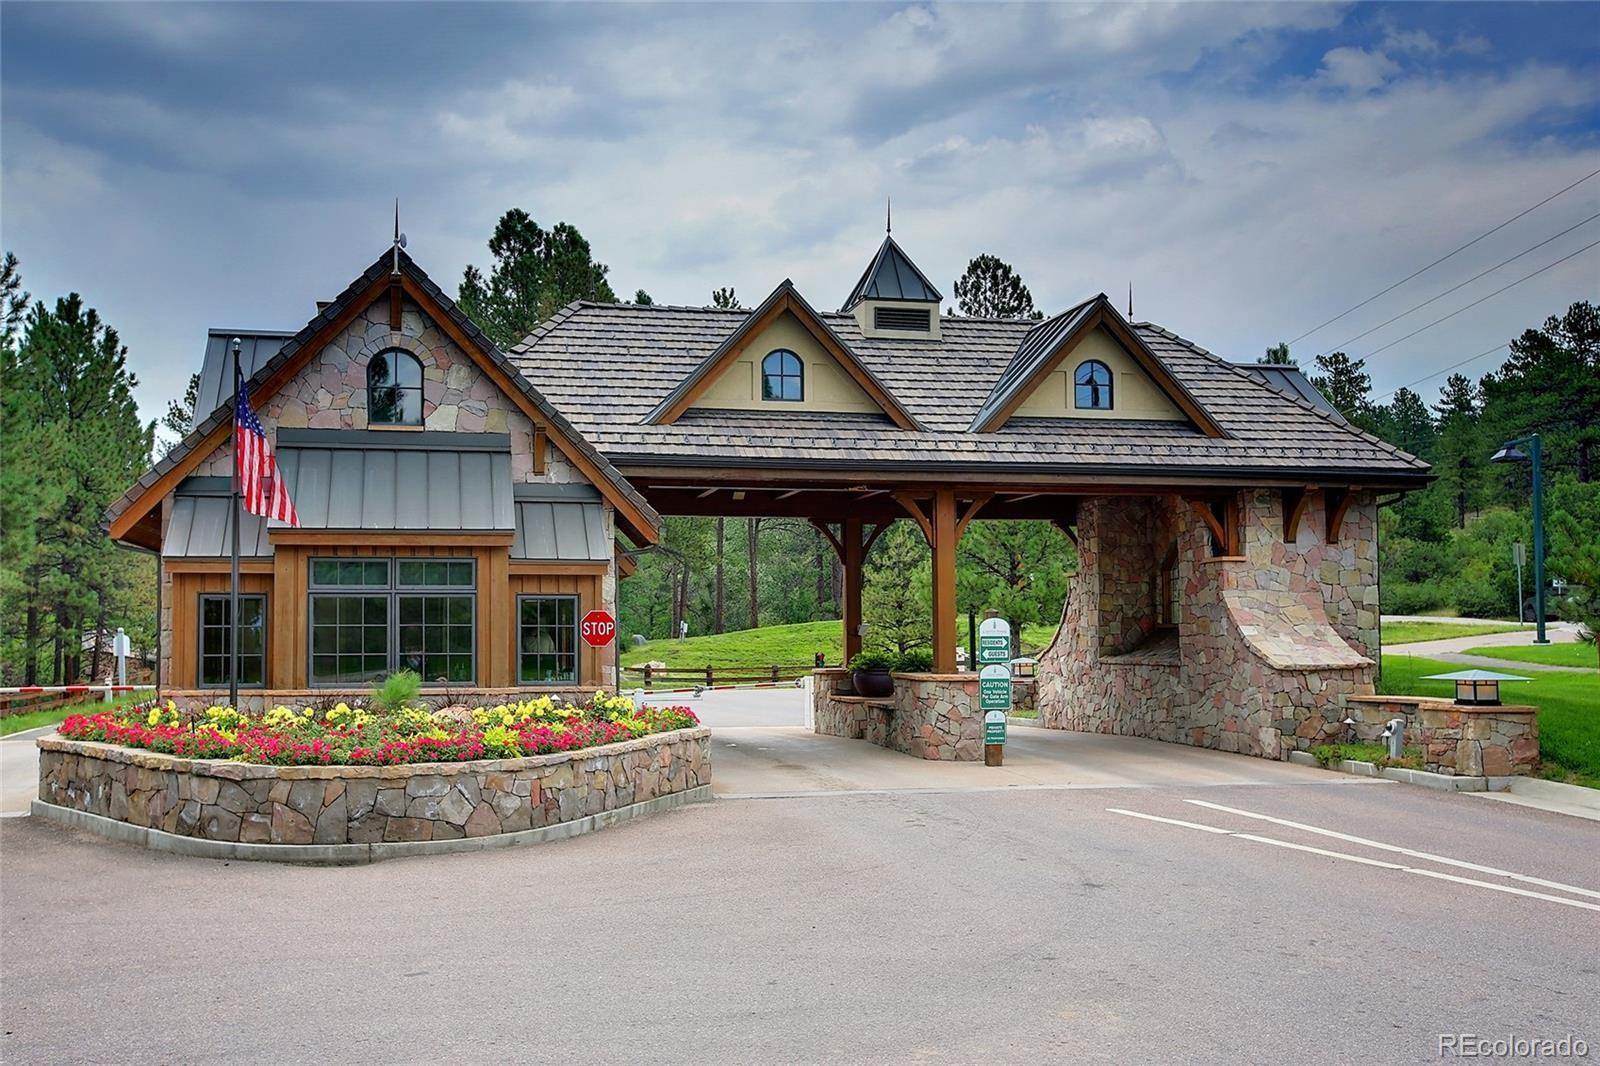 MLS# 3450406 - 1 - 6713 Handies Peak Court, Castle Rock, CO 80108